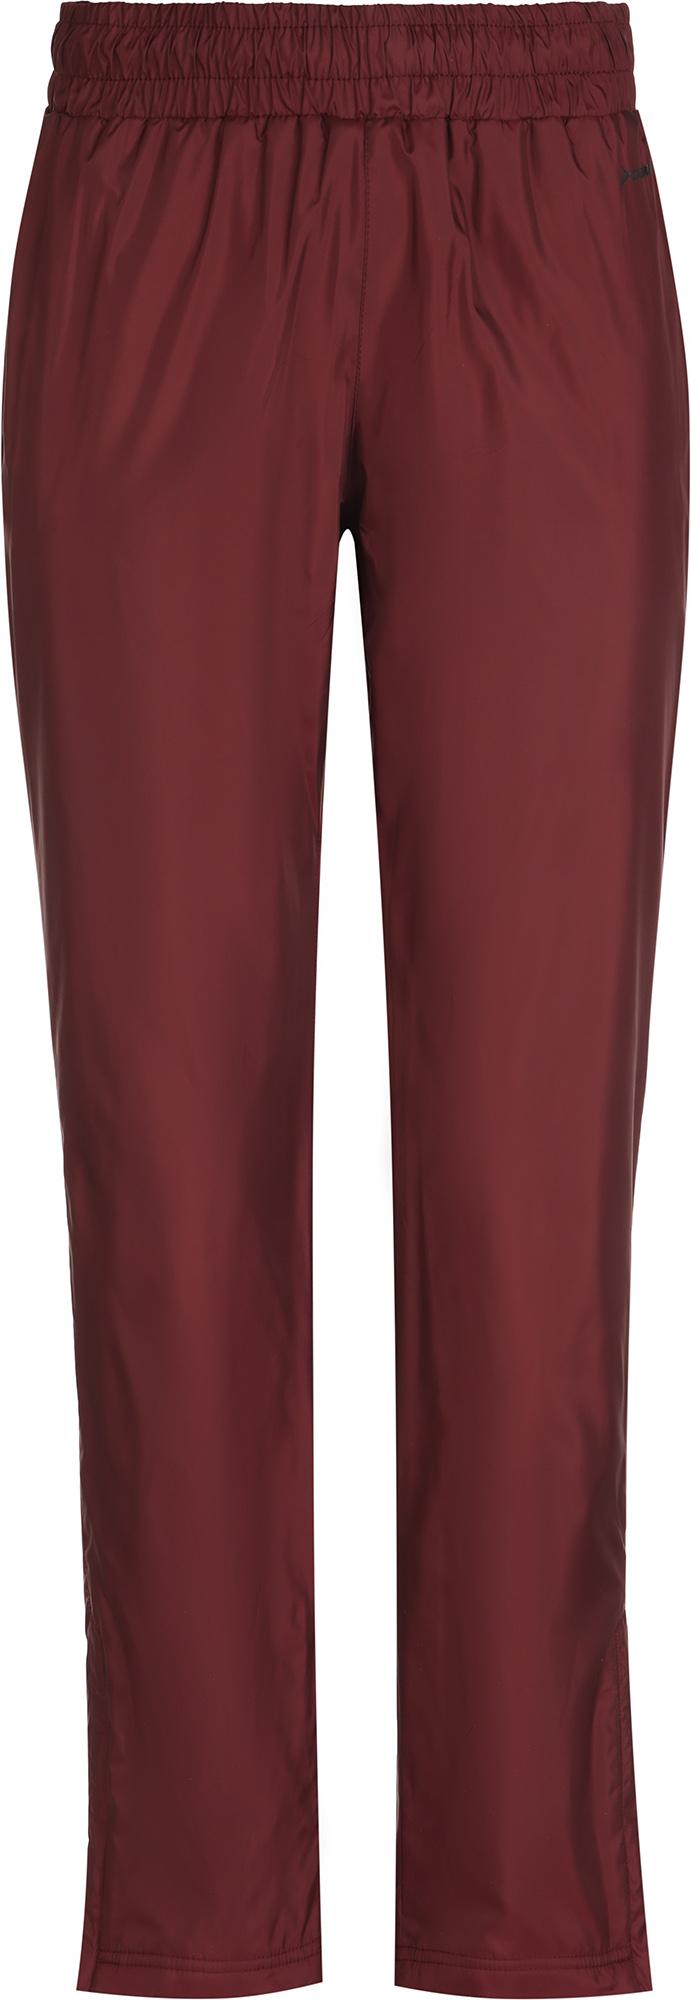 Demix Брюки женские Demix, размер 46 брюки женские oodji цвет серый 16700058 47883 2000z размер m 46